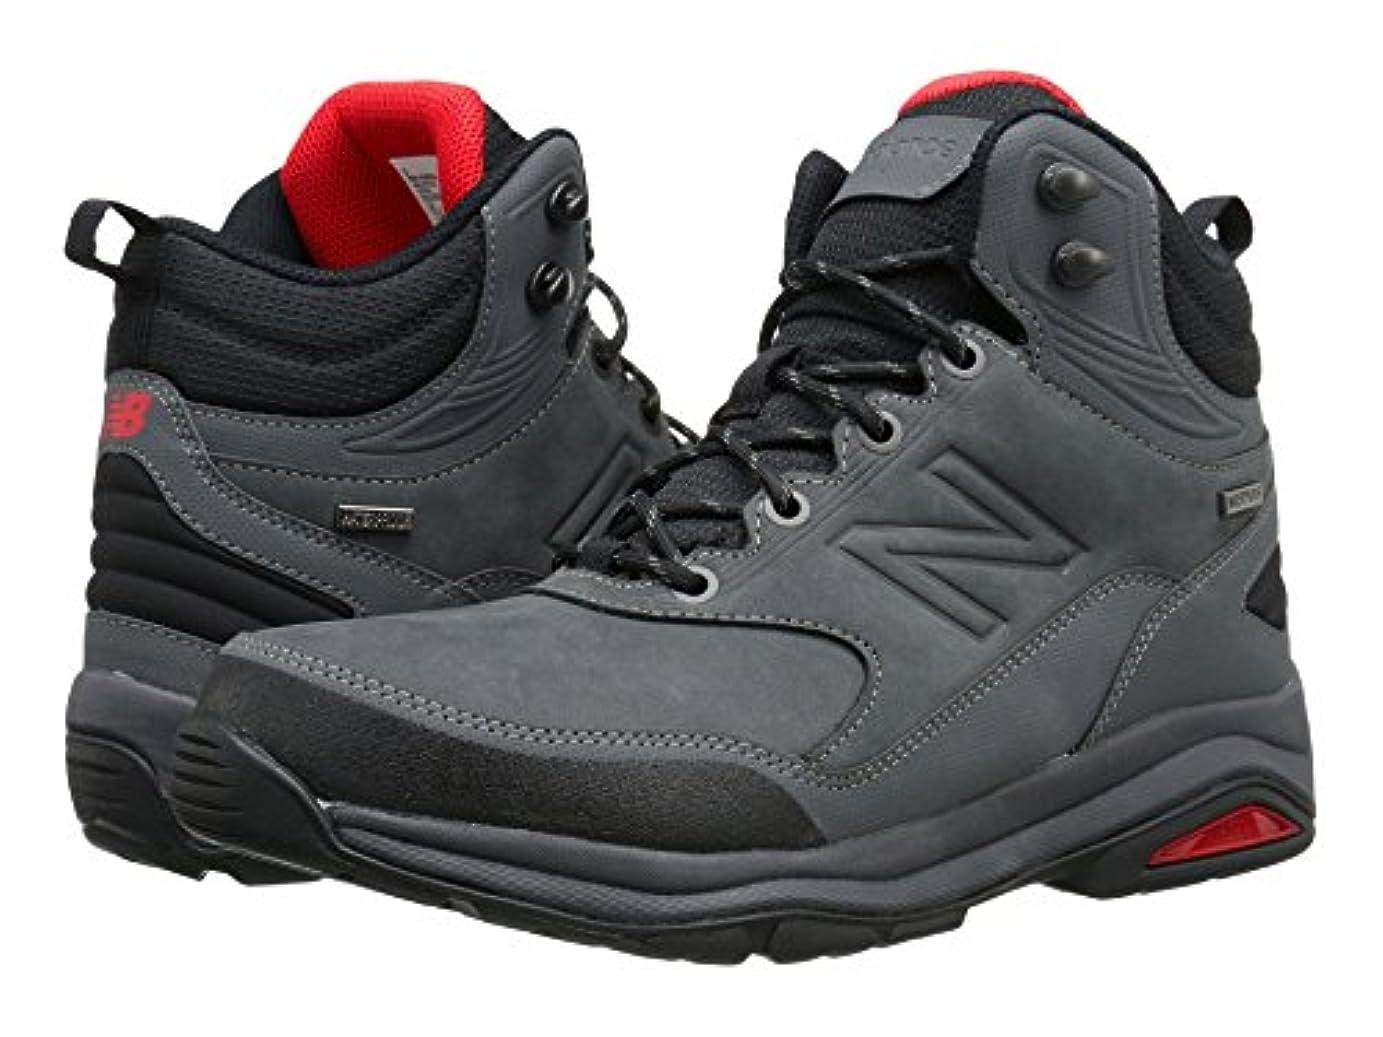 カセット振動する疑わしい(ニューバランス) New Balance メンズブーツ?靴 MW1400v1 Grey 7 (25cm) 4E - Extra Wide